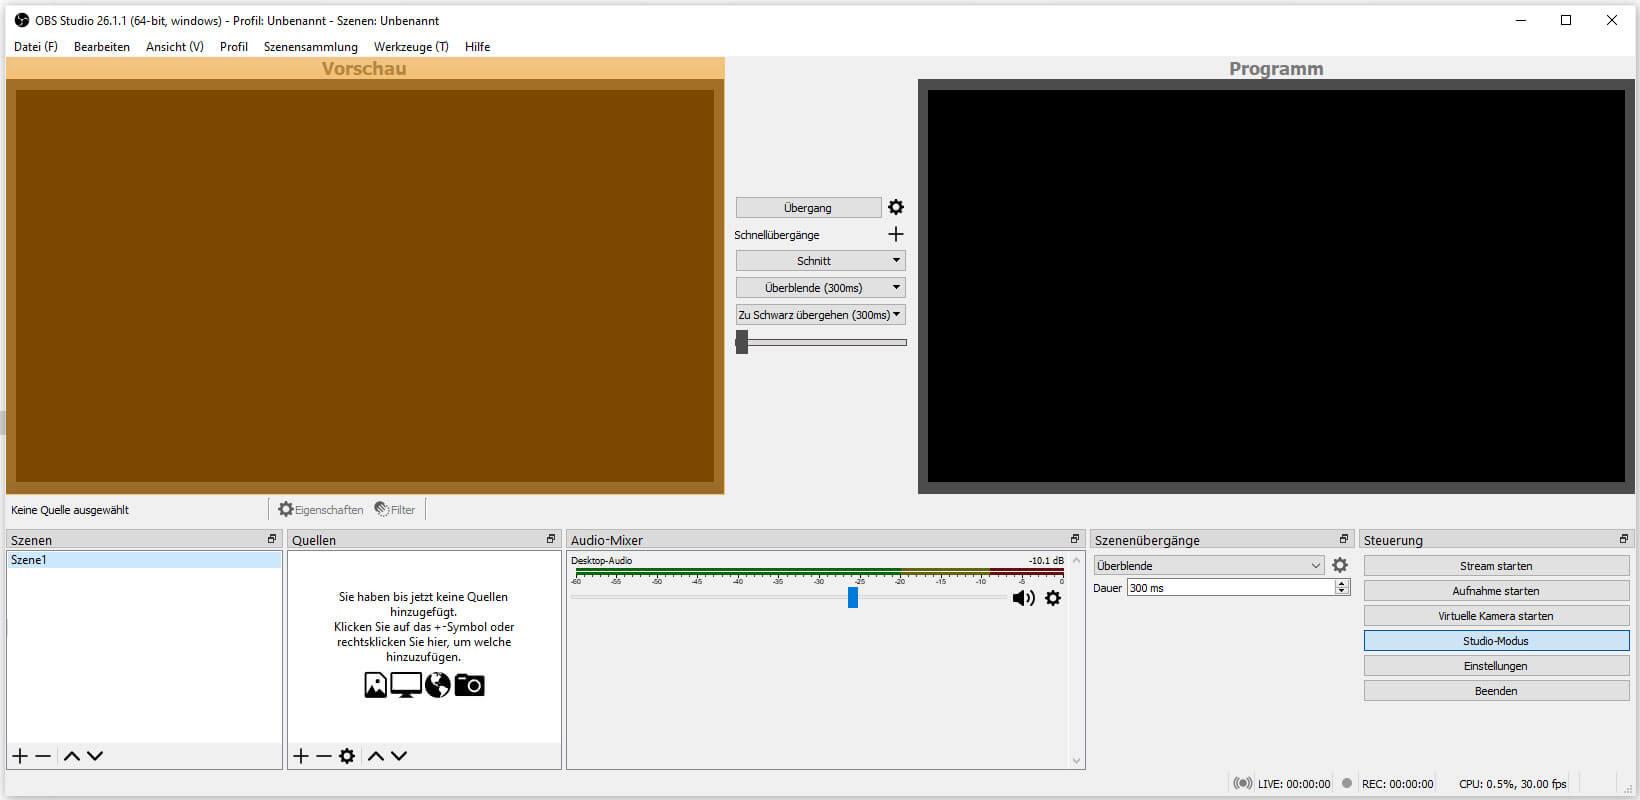 OBS Studio 26.1.1 – Steuerung - Studio-Modus - Vorschau